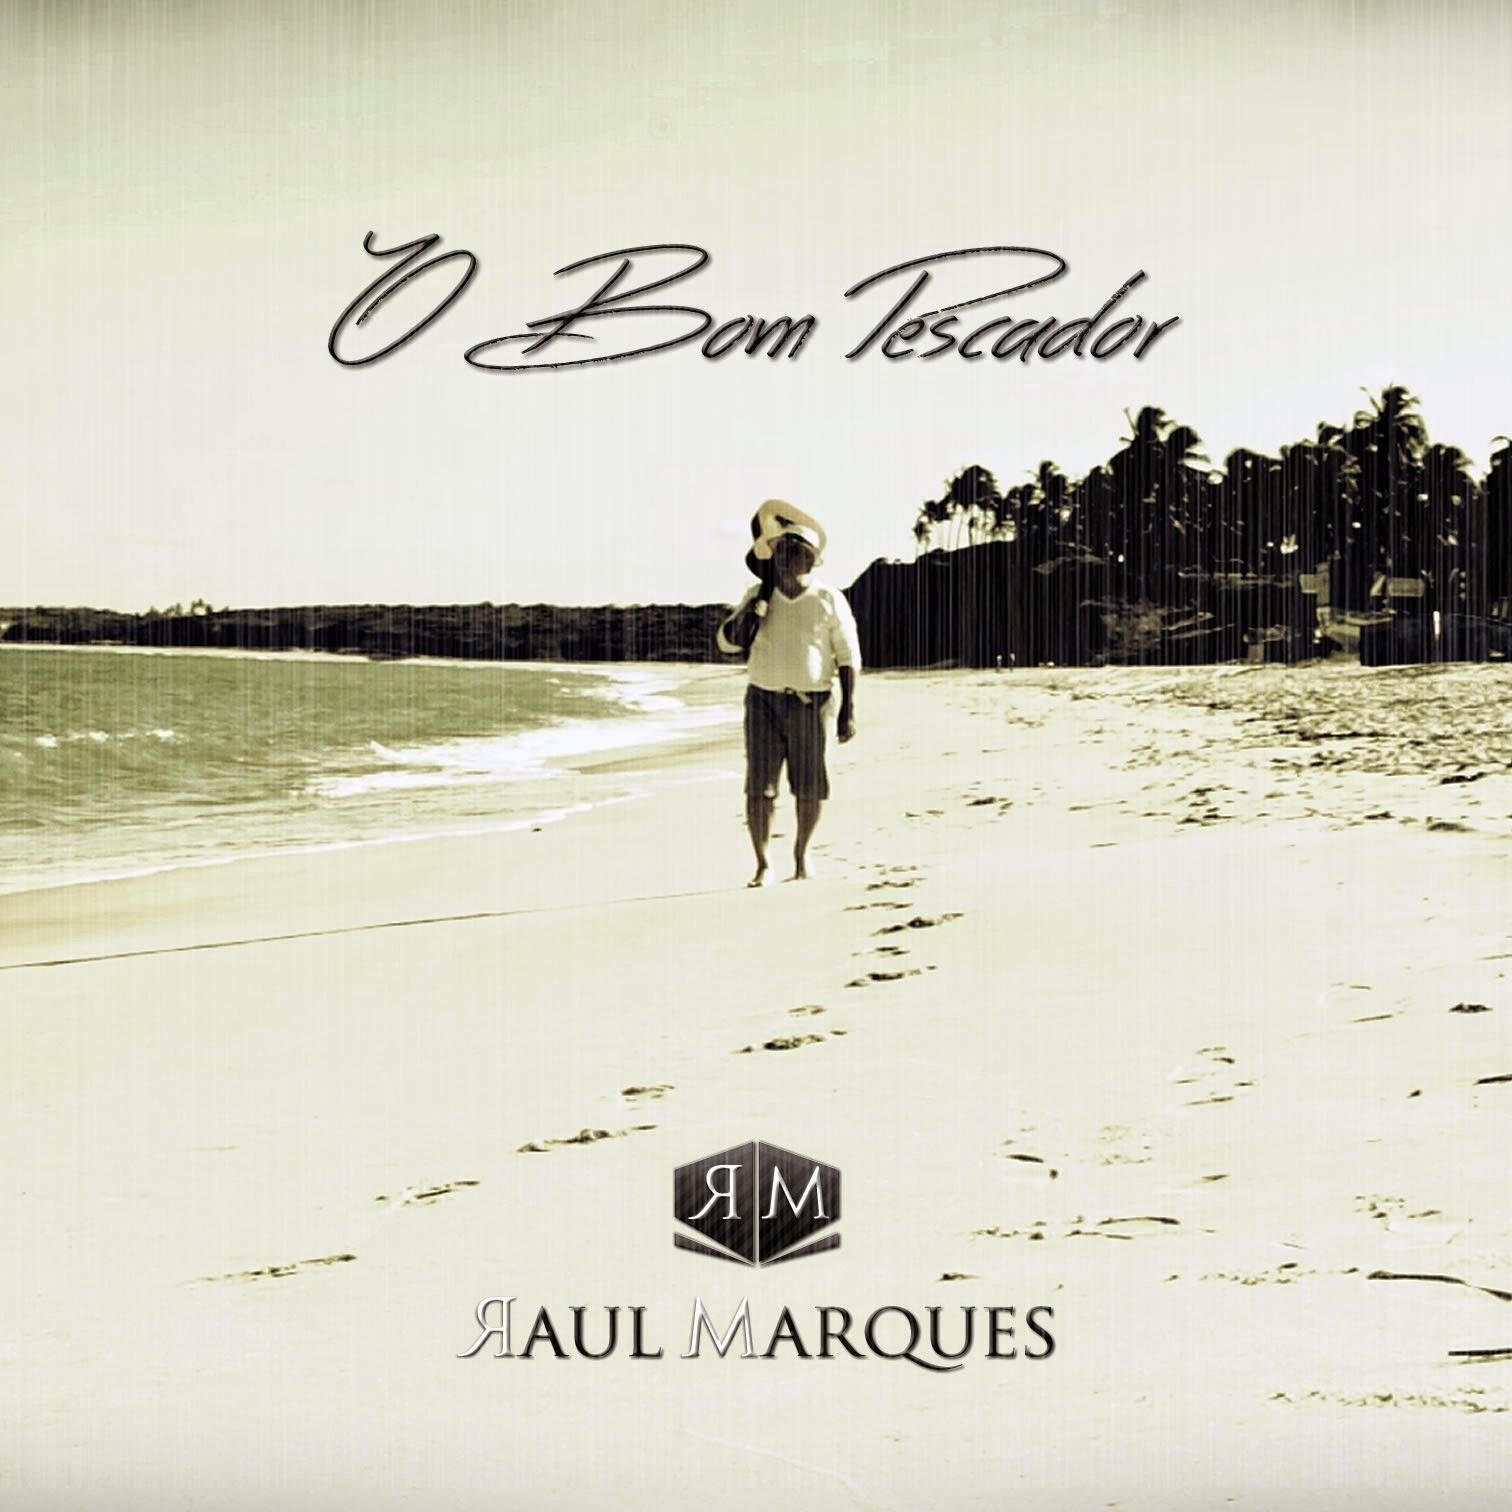 """Novo CD - """"O BOM PESCADOR"""""""